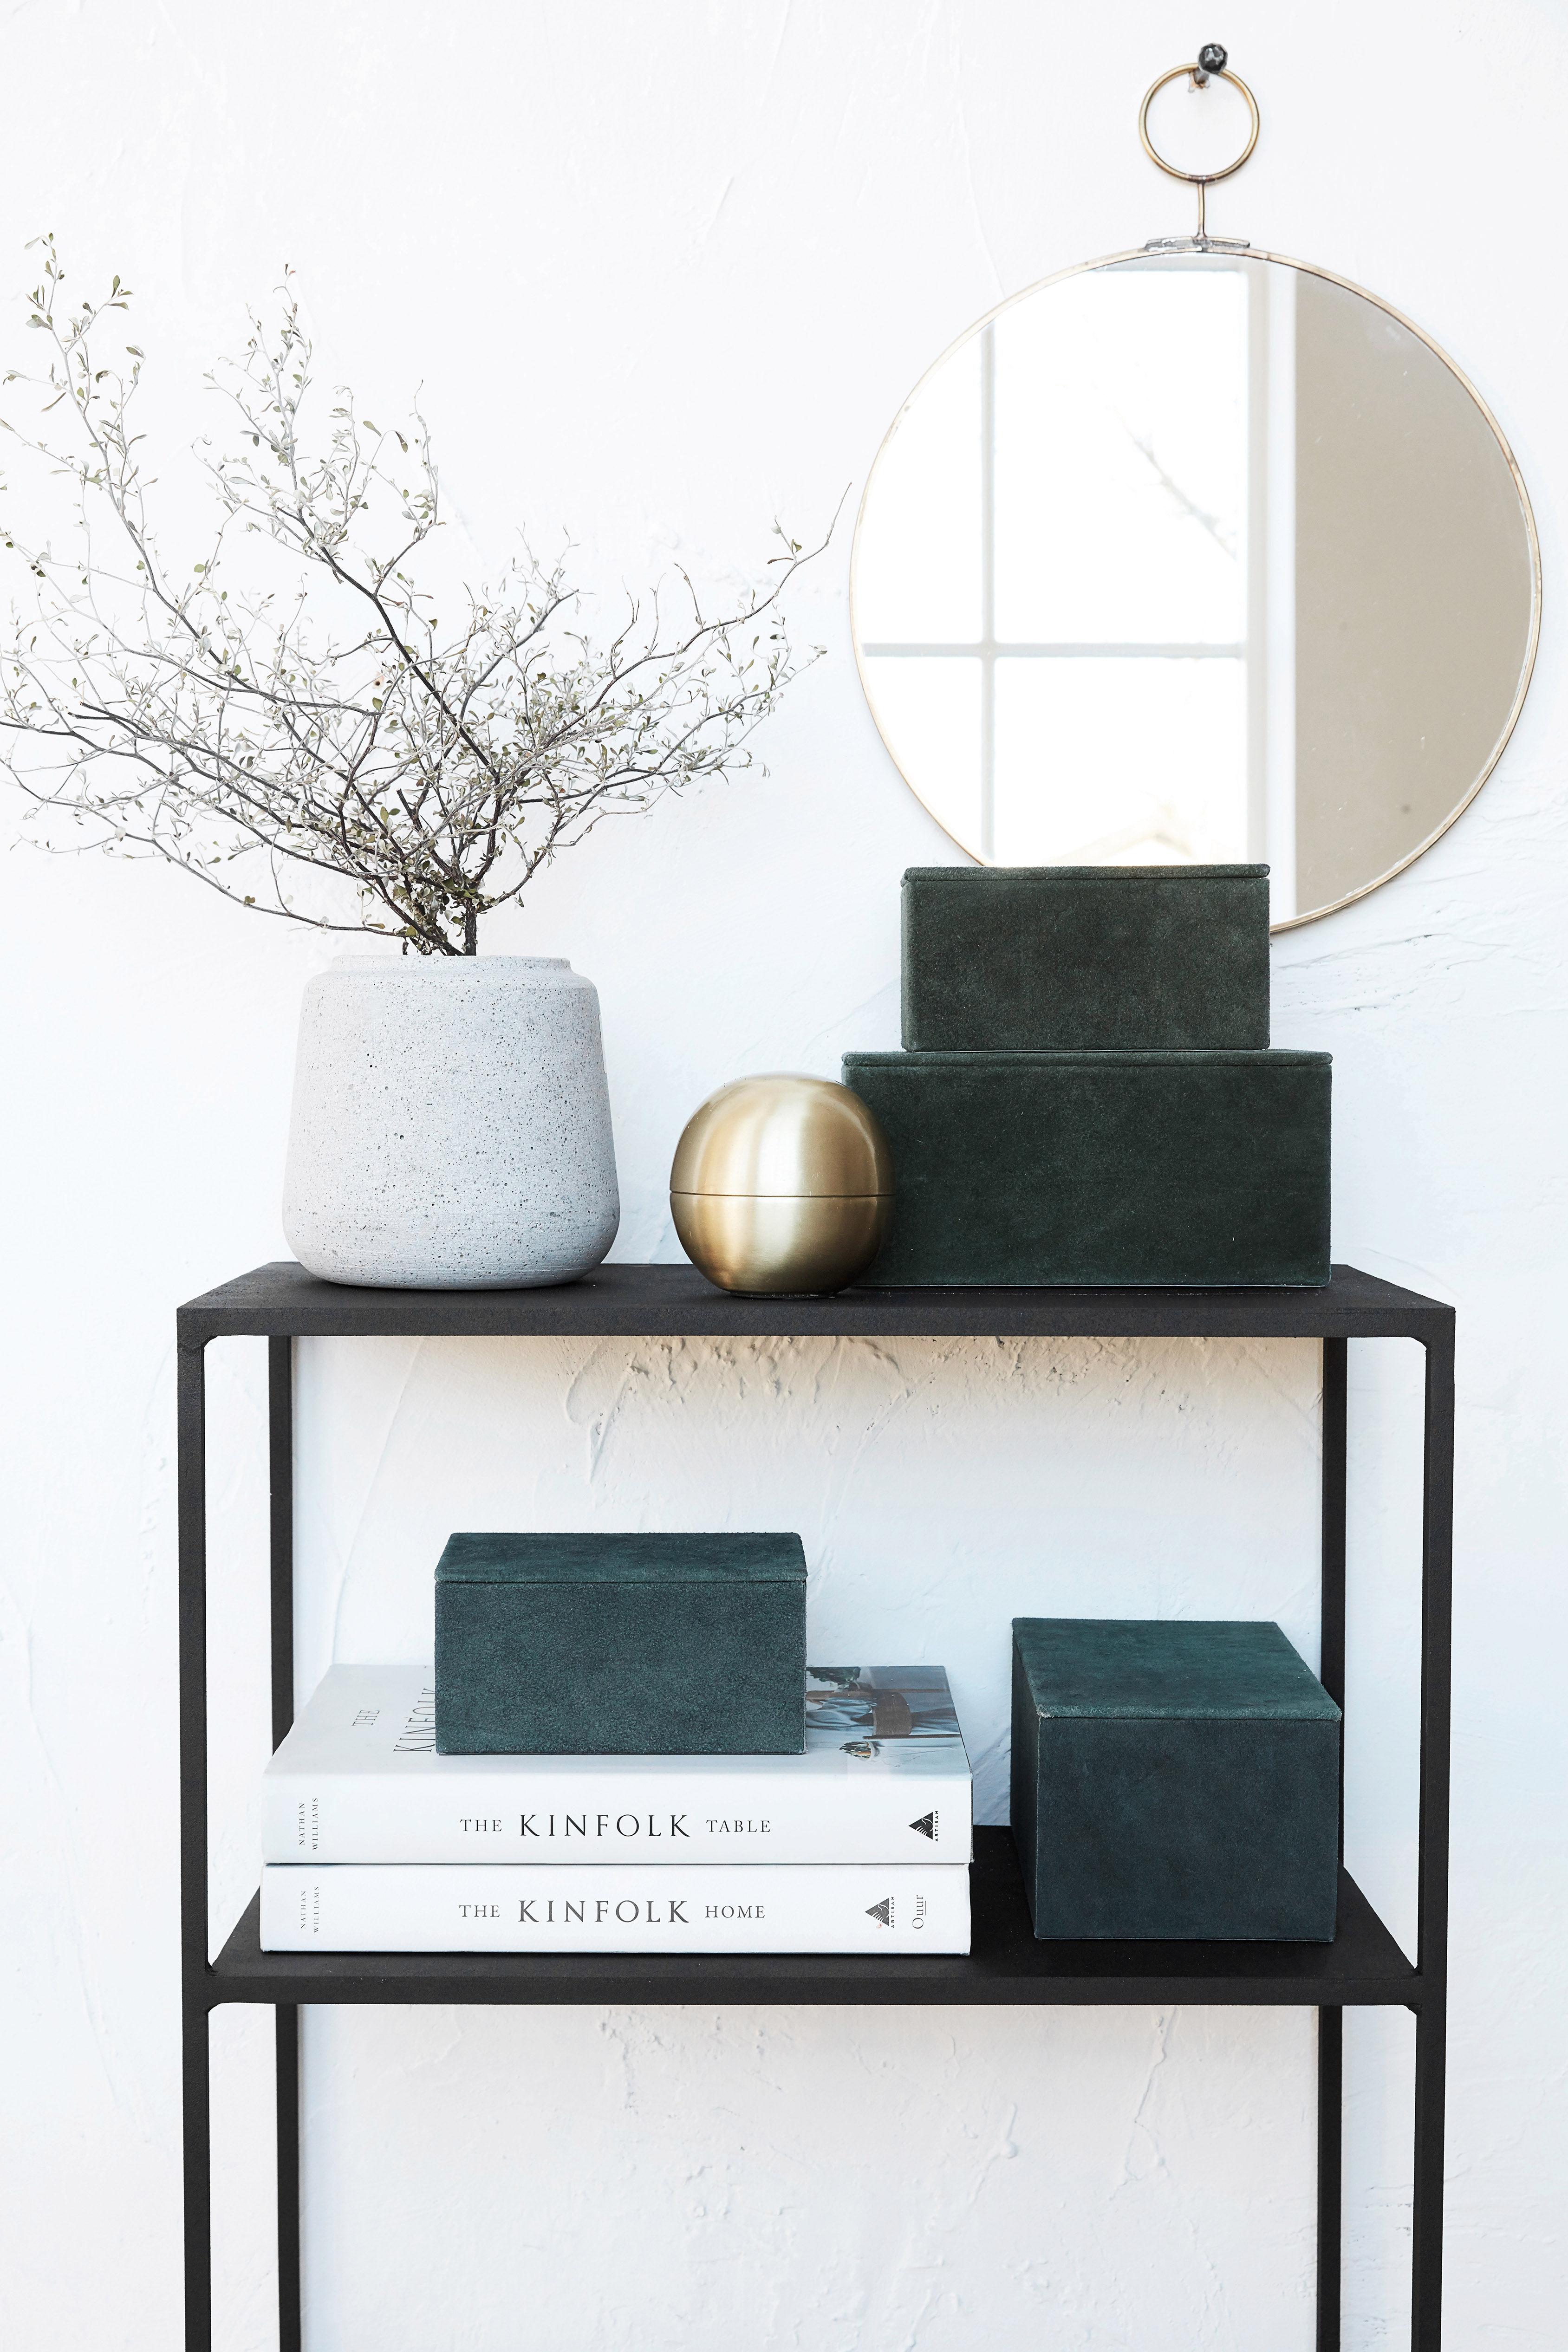 suede schachtel wildlederimitat 2er set blau by house doctor made in design. Black Bedroom Furniture Sets. Home Design Ideas